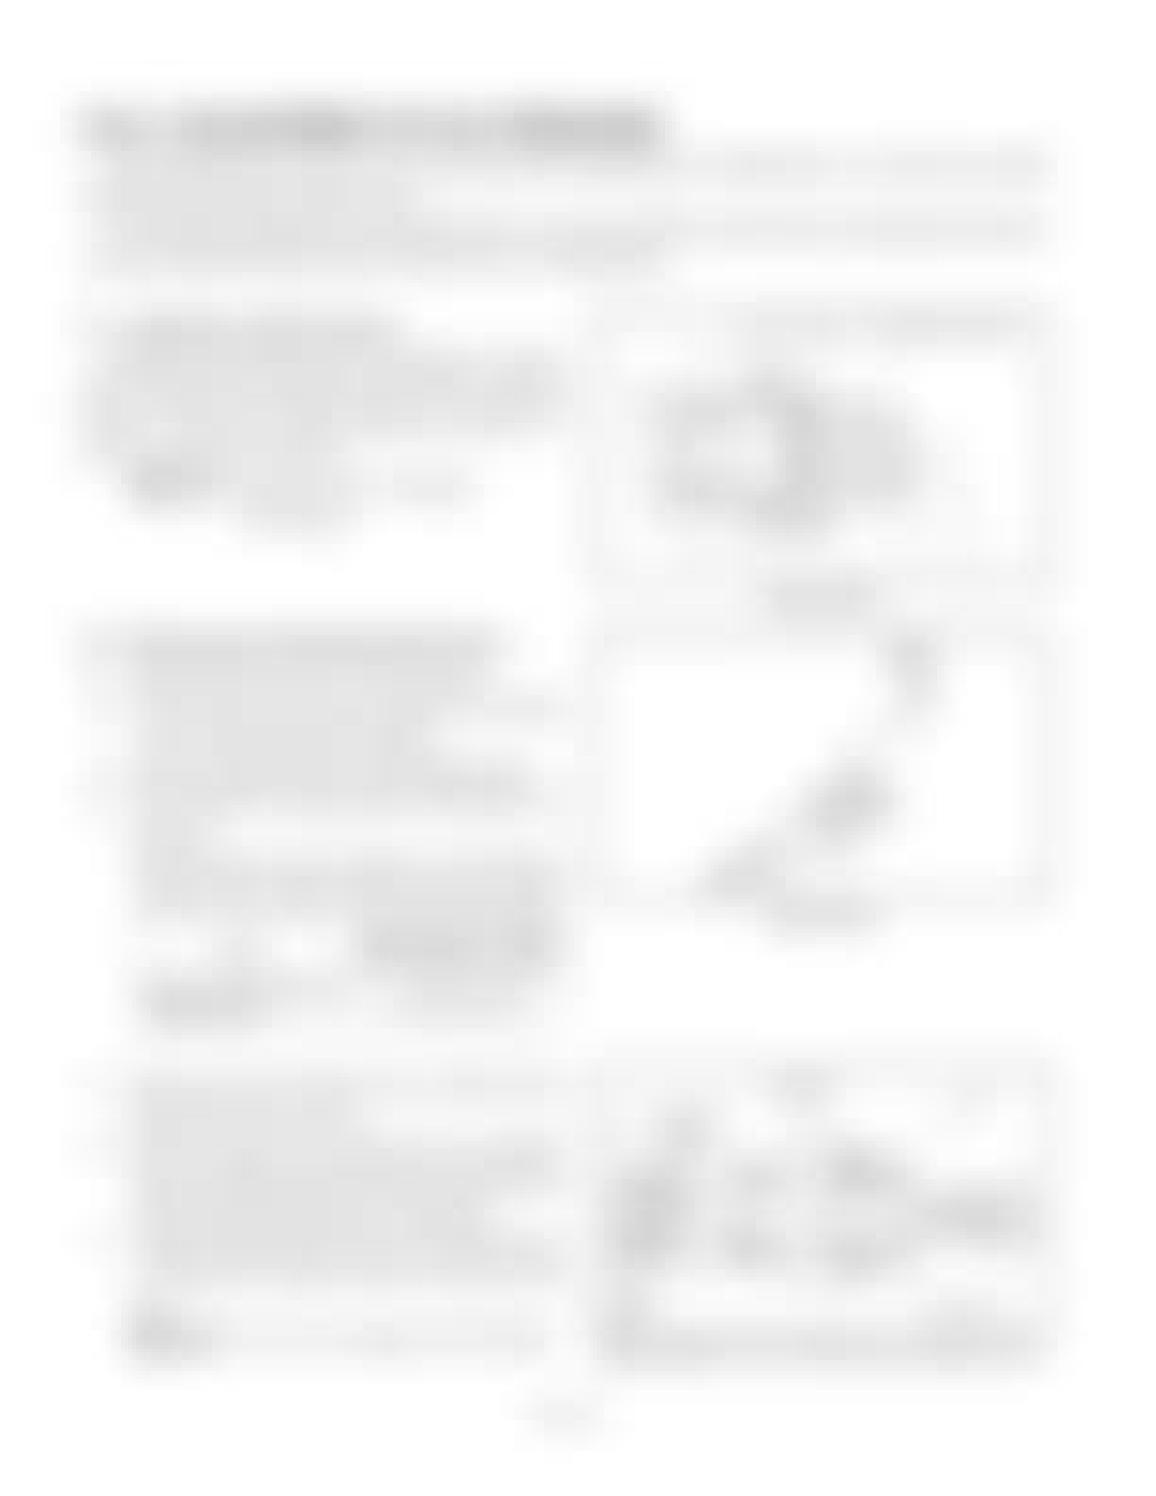 Hitachi LX110-7 LX130-7 LX160-7 LX190-7 LX230-7 Wheel Loader Workshop Manual - PDF DOWNLOAD page 262